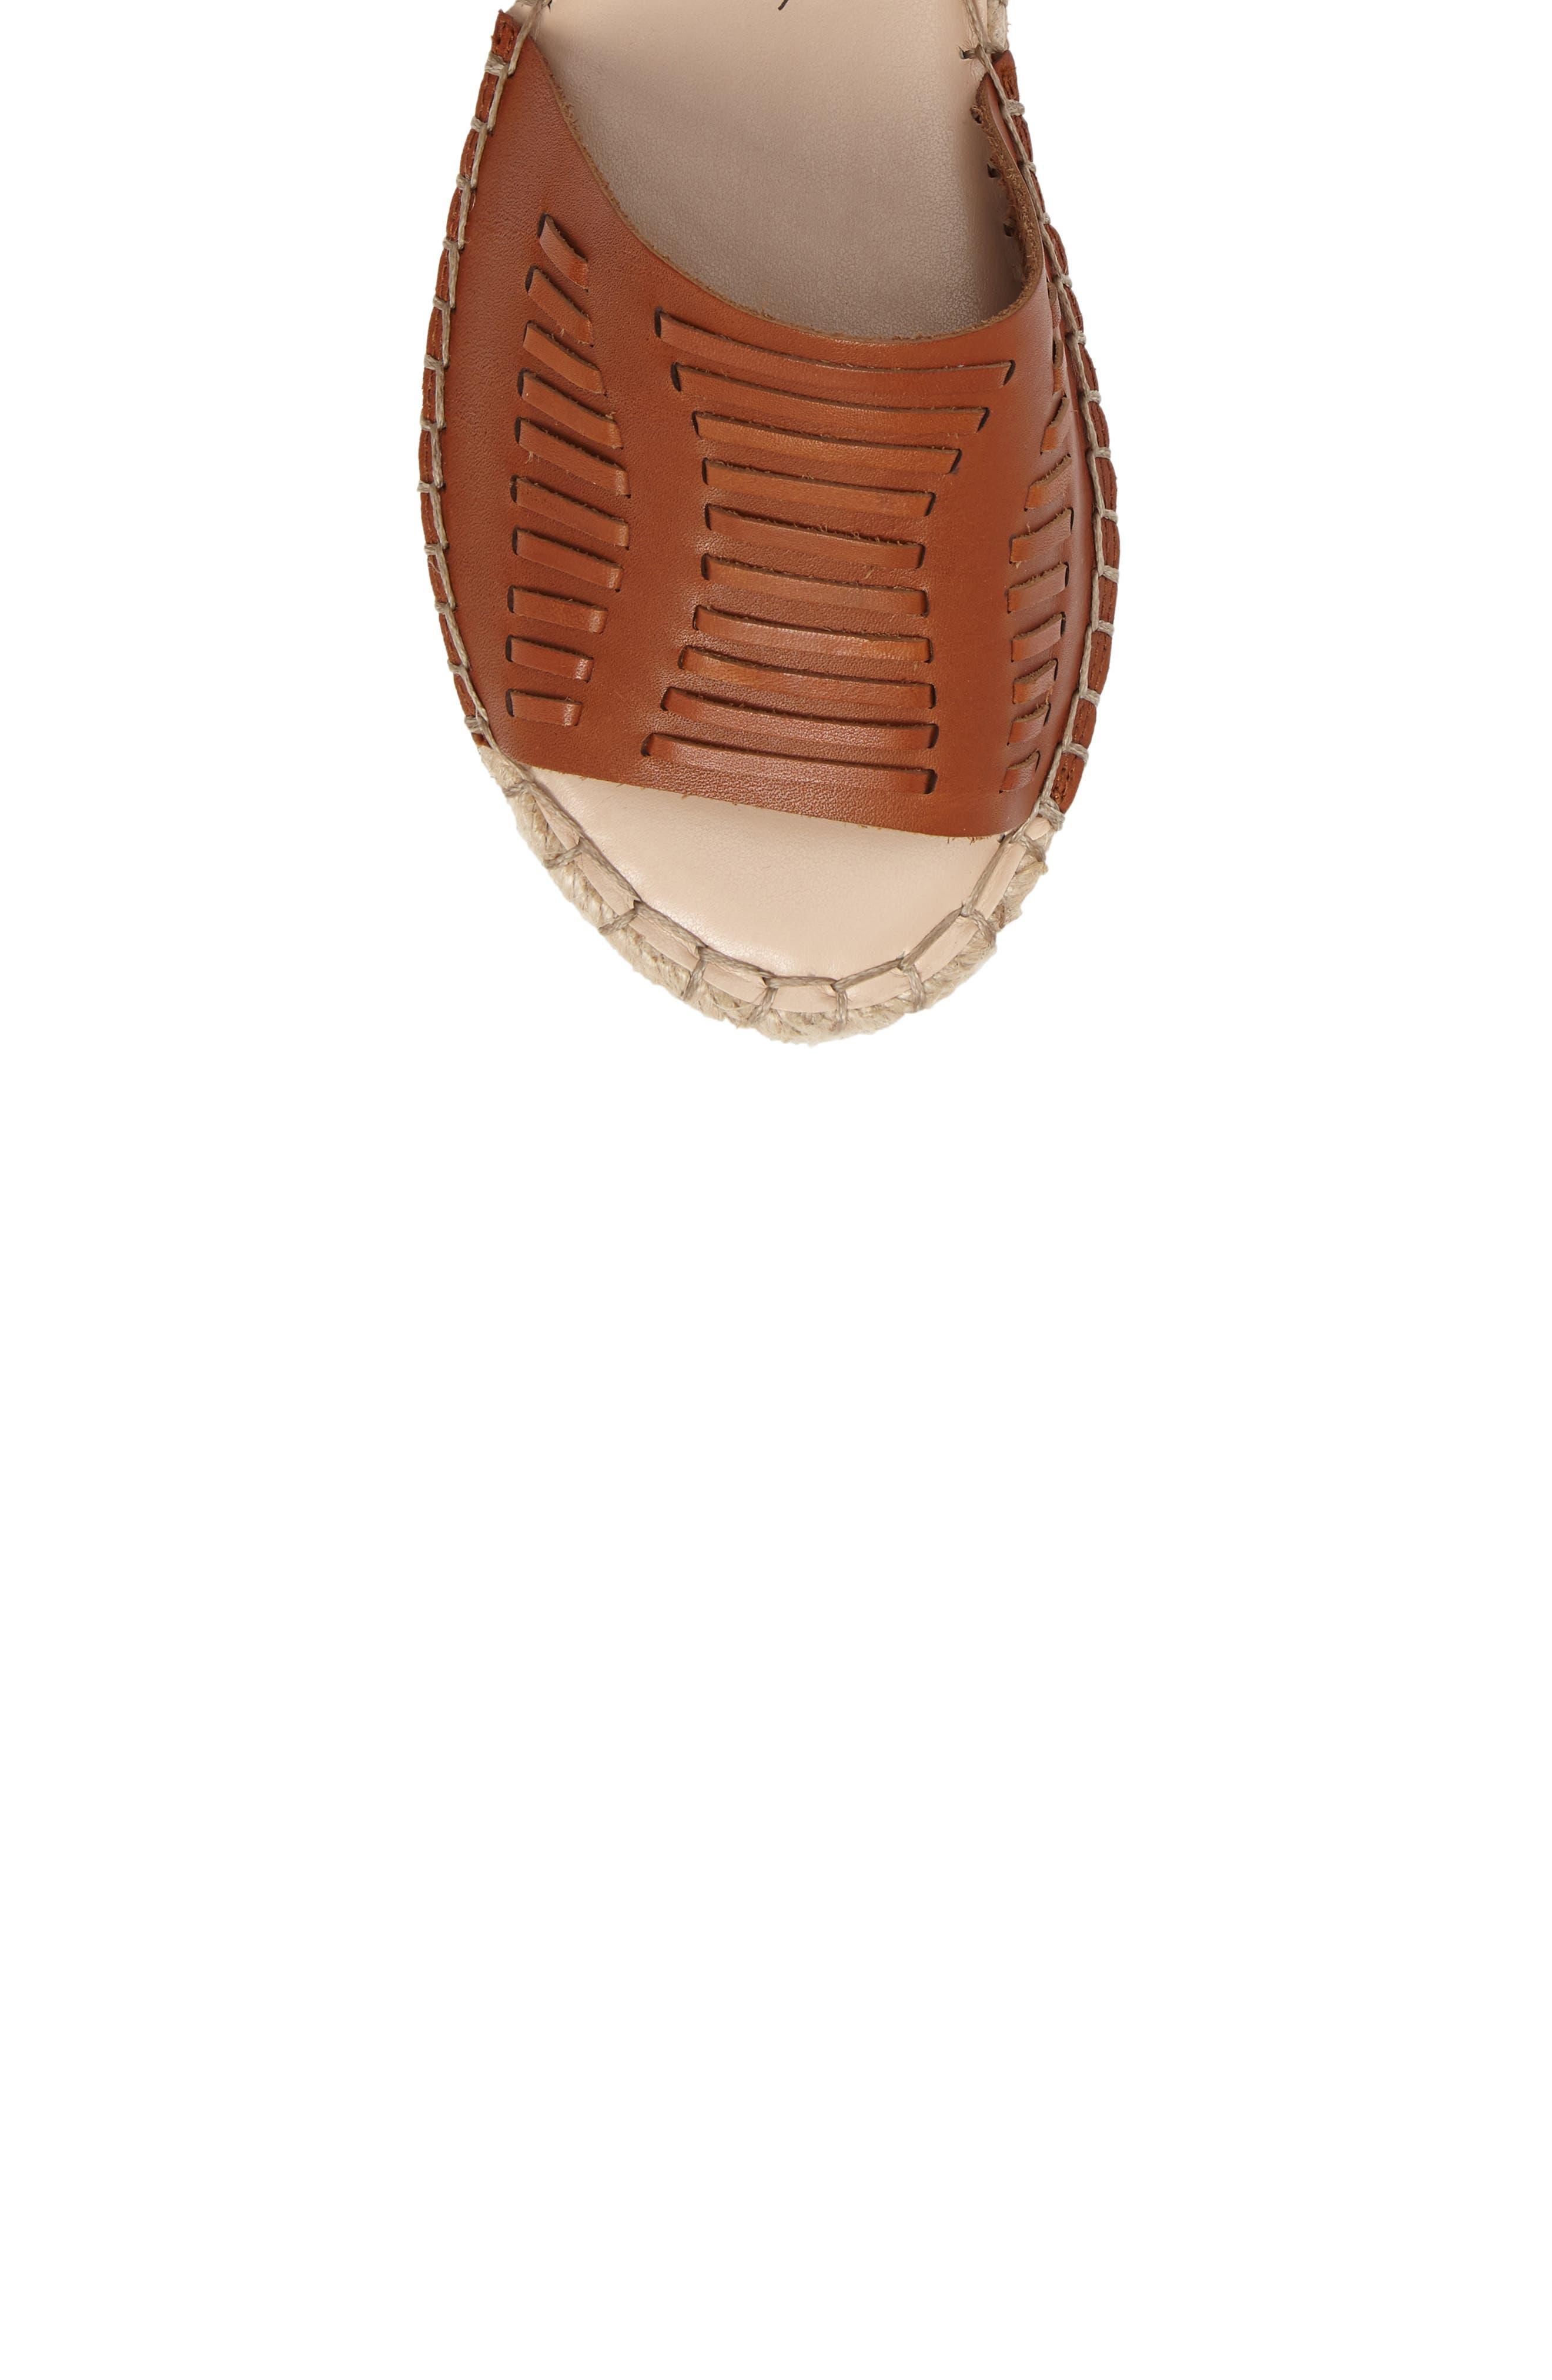 Clover Ankle Wrap Espadrille Sandal,                             Alternate thumbnail 5, color,                             Cognac Leather